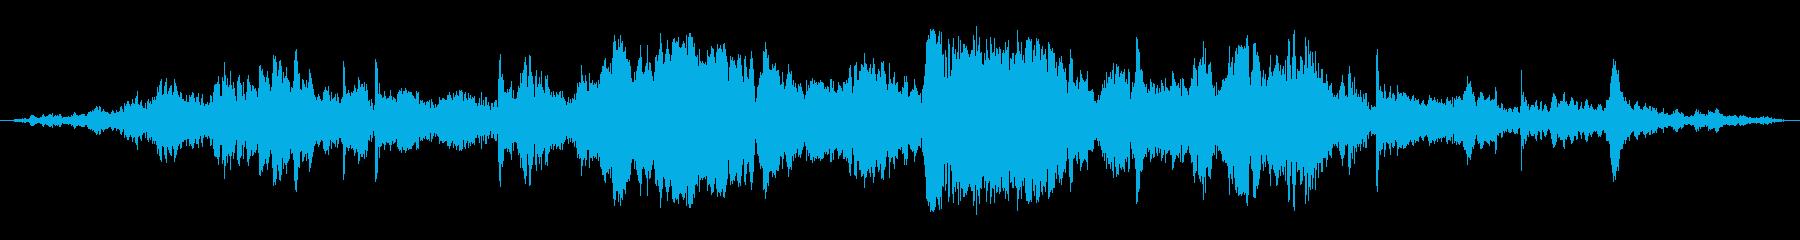 長い抽象的な上昇と下降の再生済みの波形